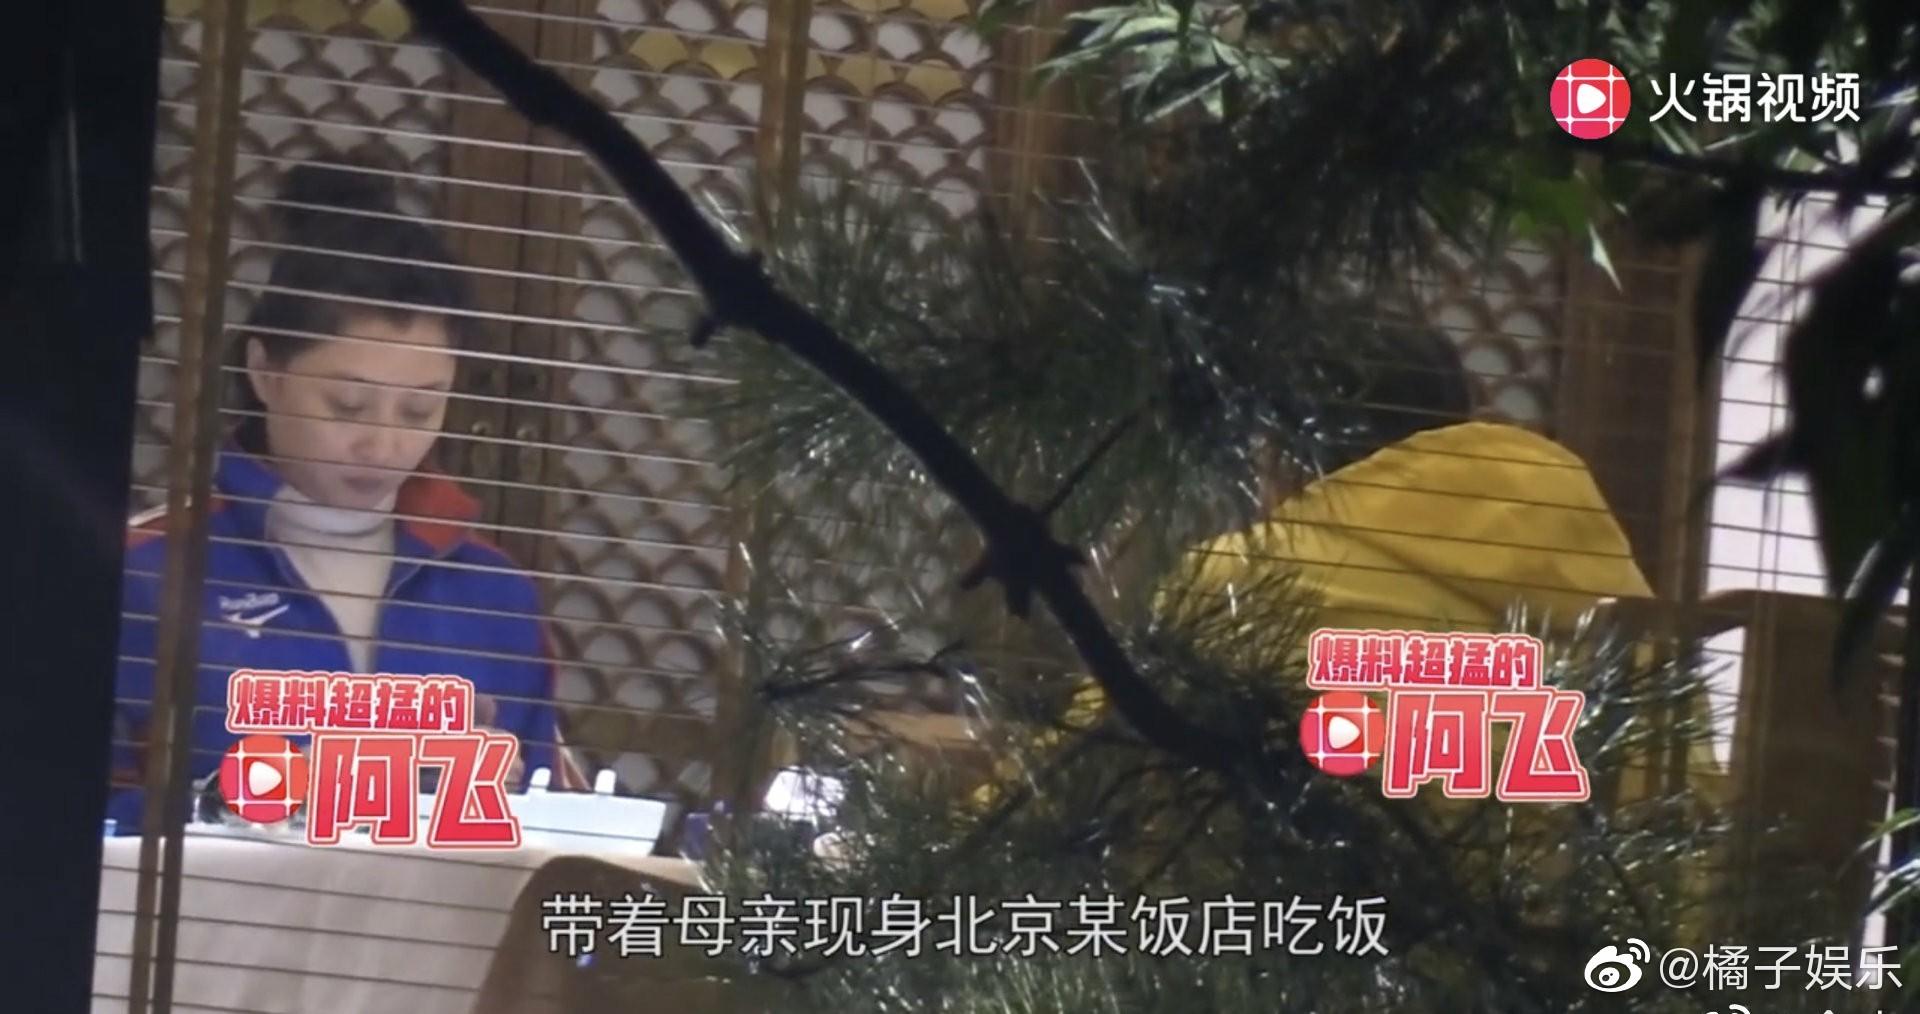 殷桃被拍到与母亲以及赵达一同现身某餐厅吃饭,疑似恋情曝光